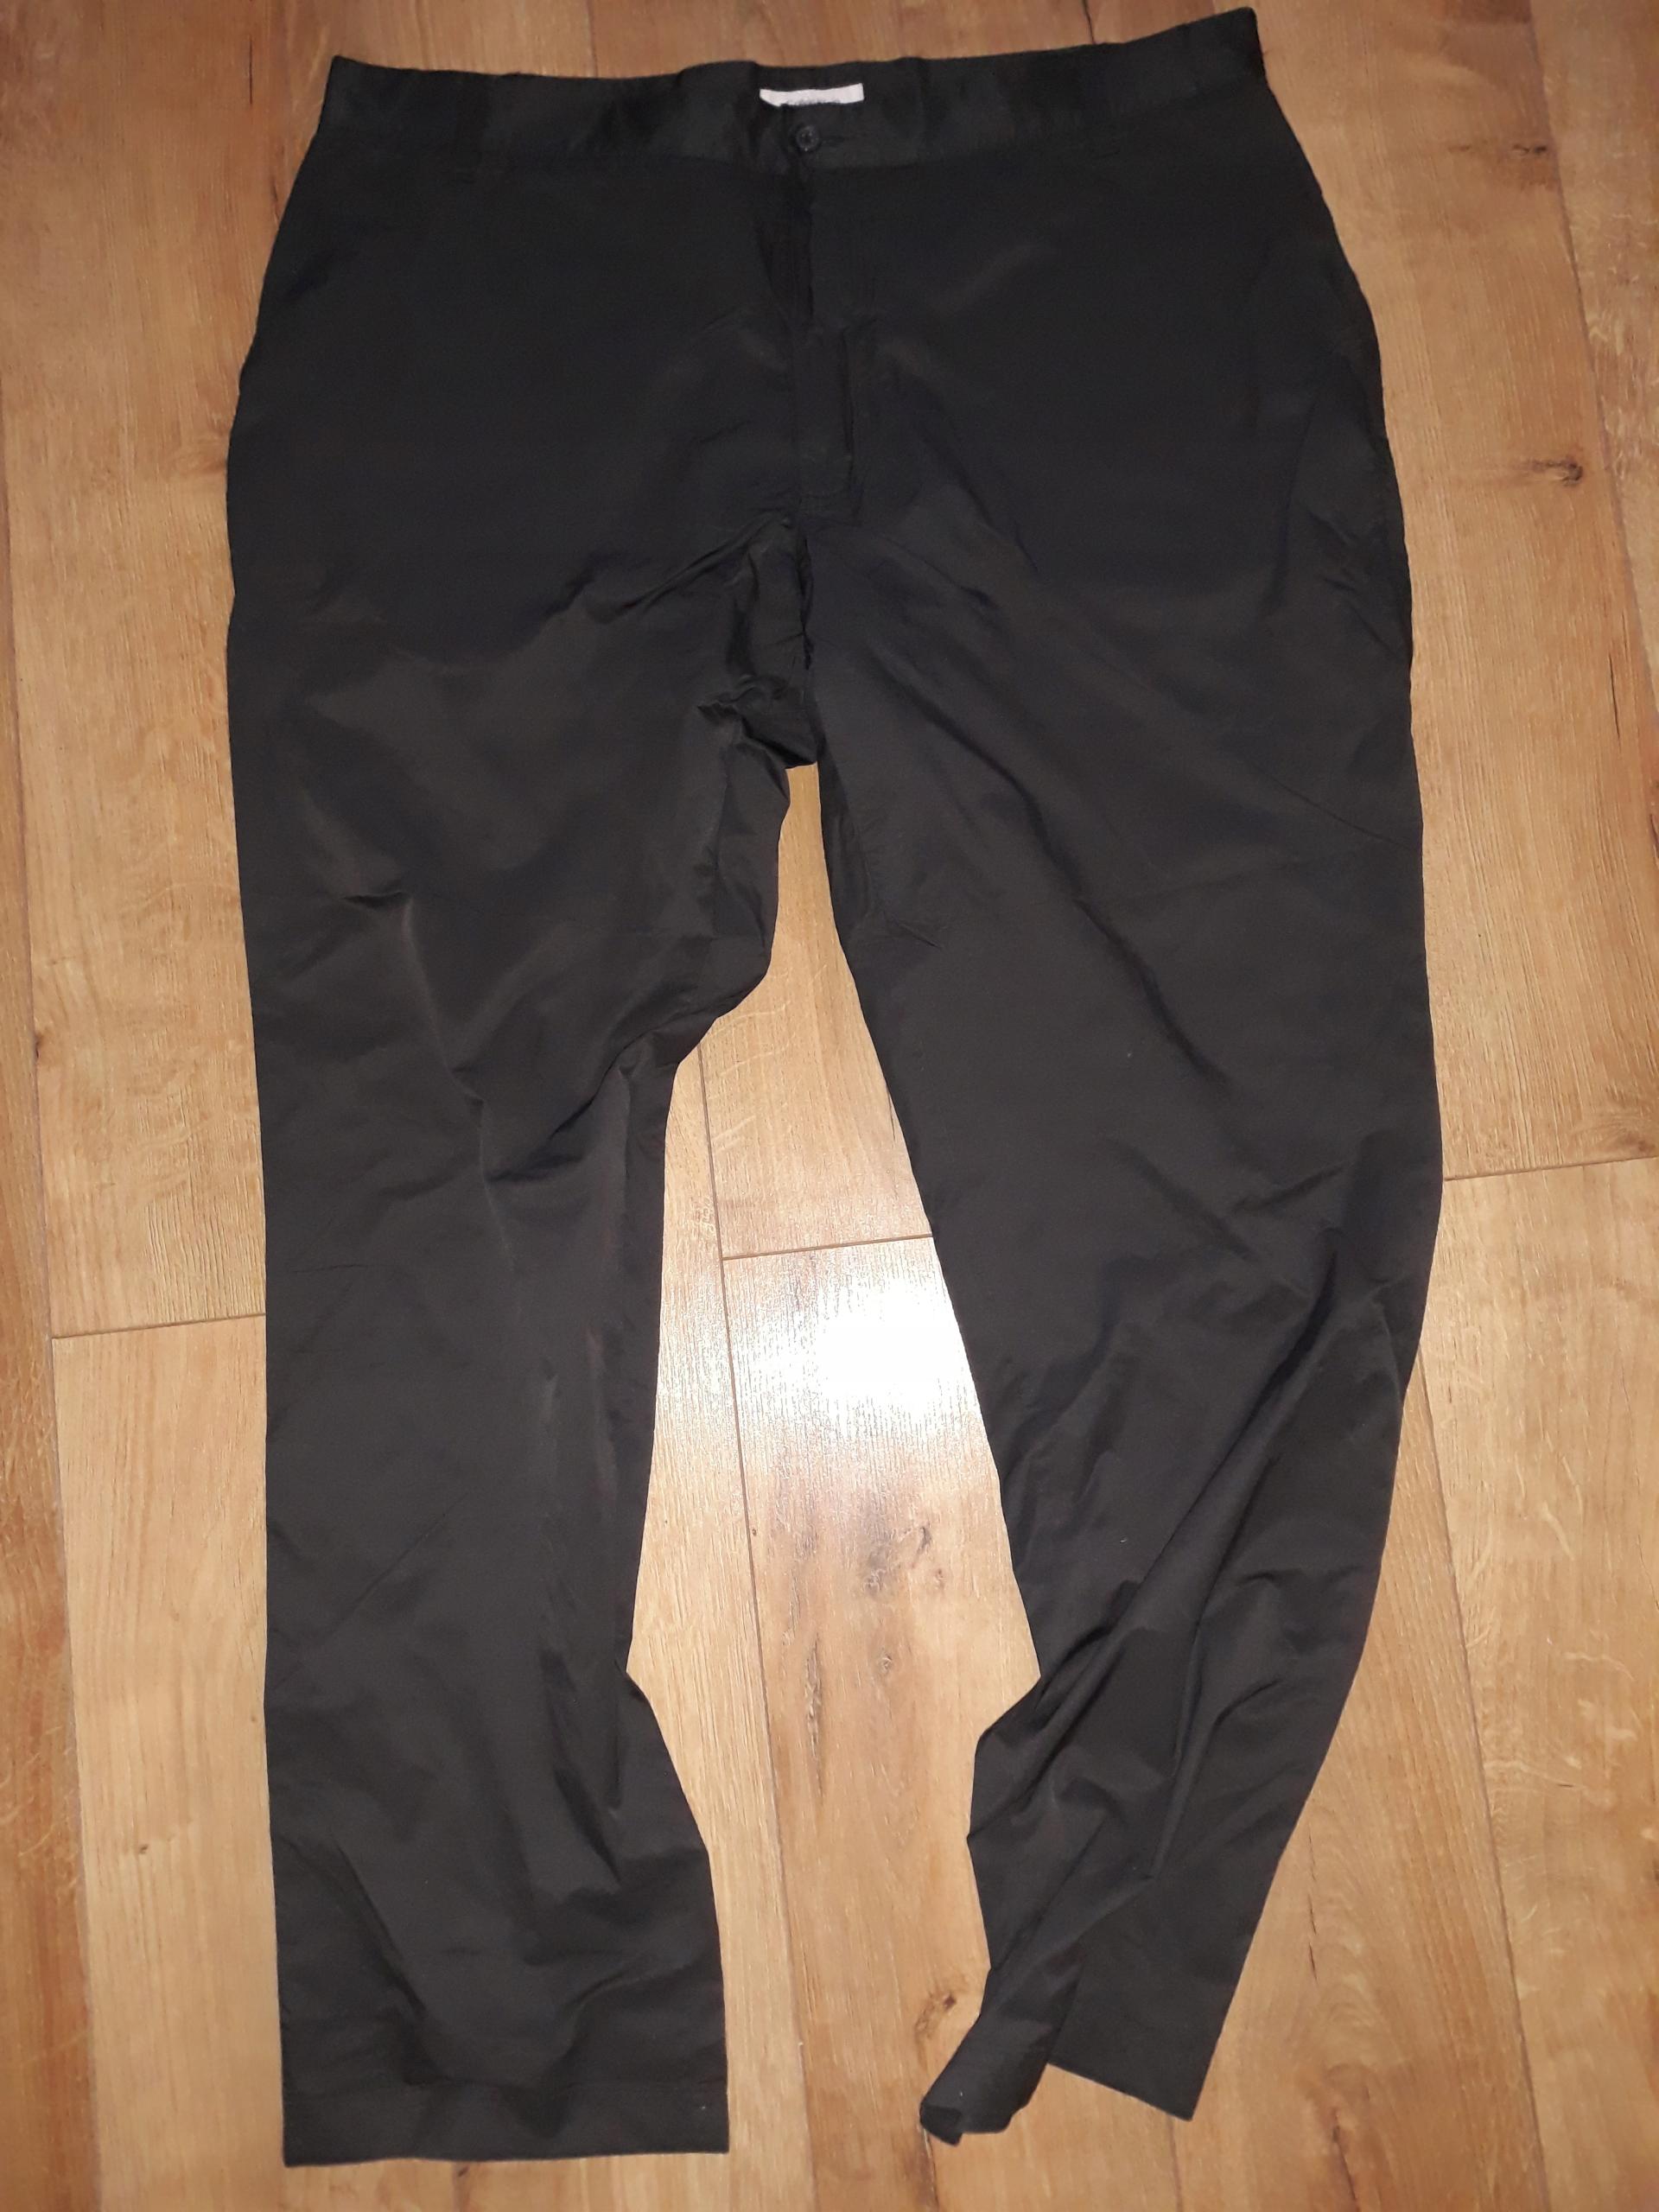 Super spodnie calvin Klein w38 l31 super!!!